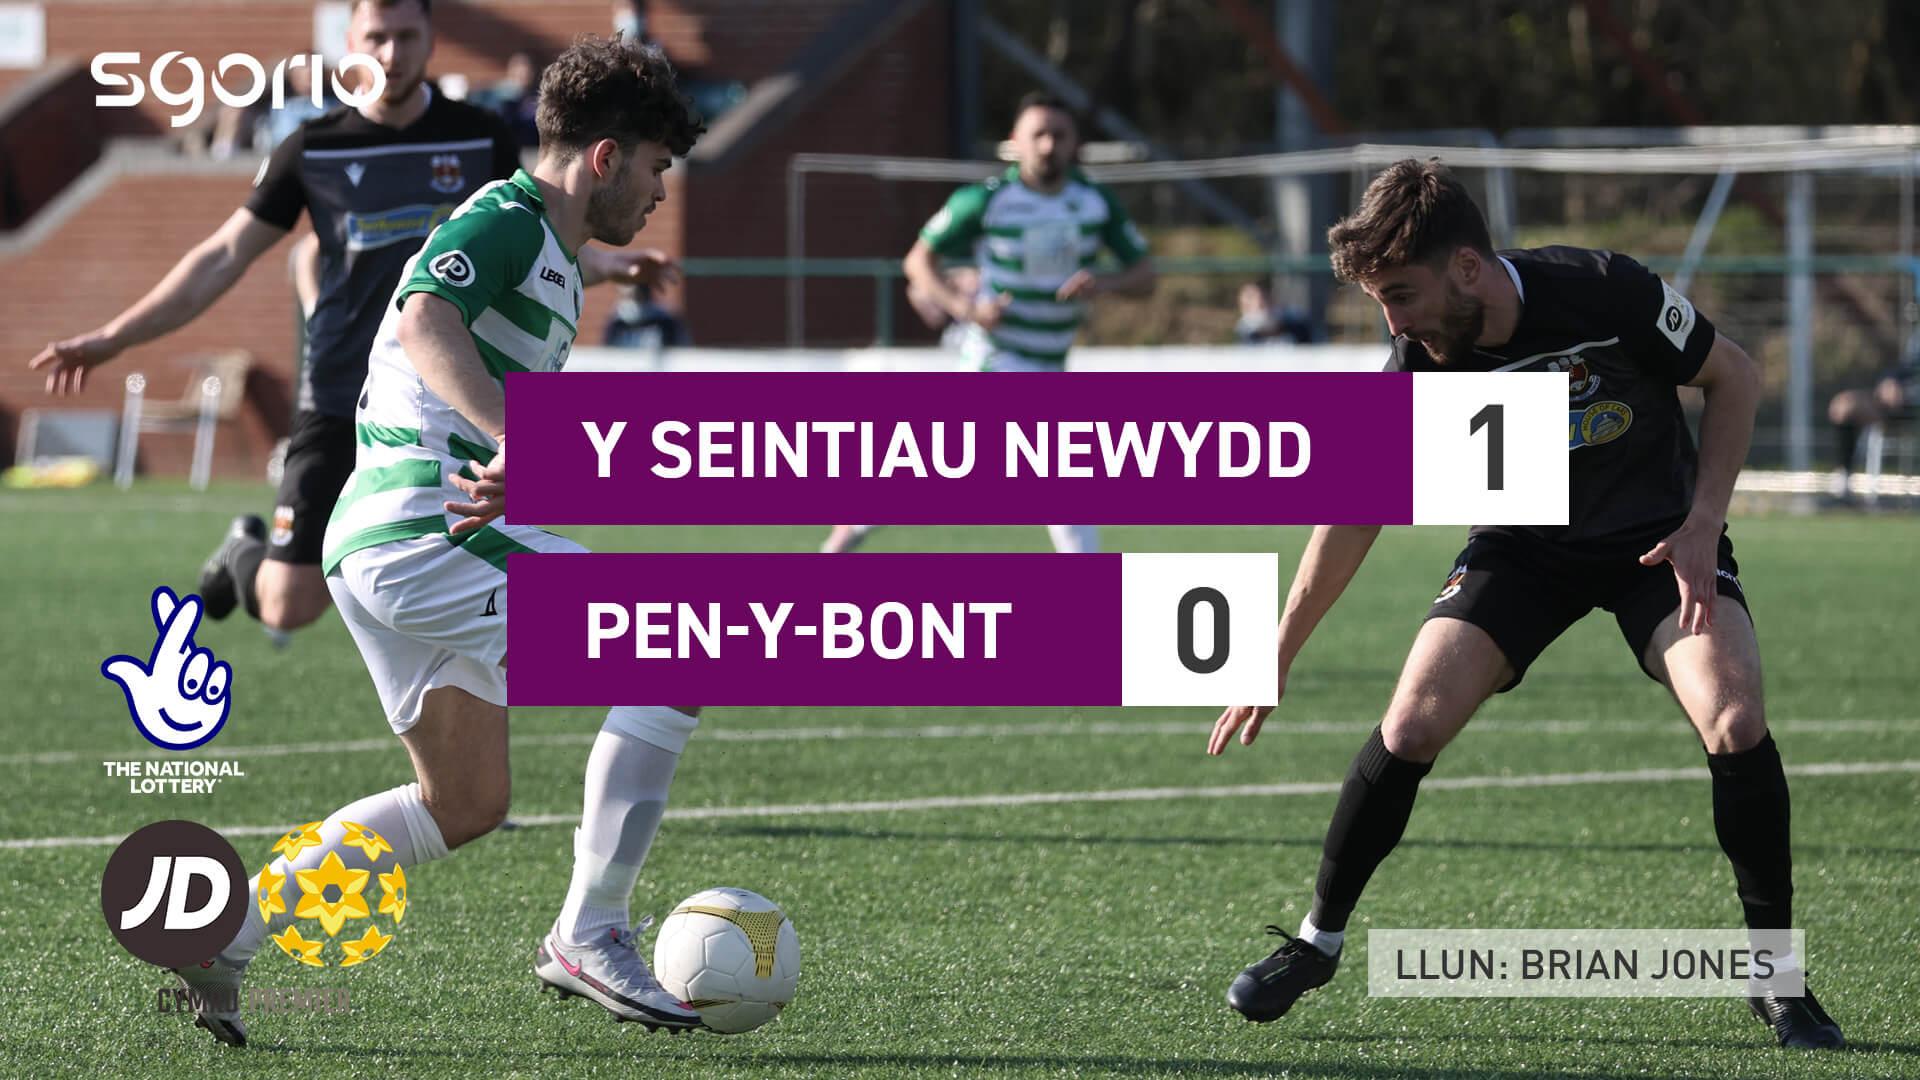 Y Seintiau Newydd 1-0 Pen-y-bont